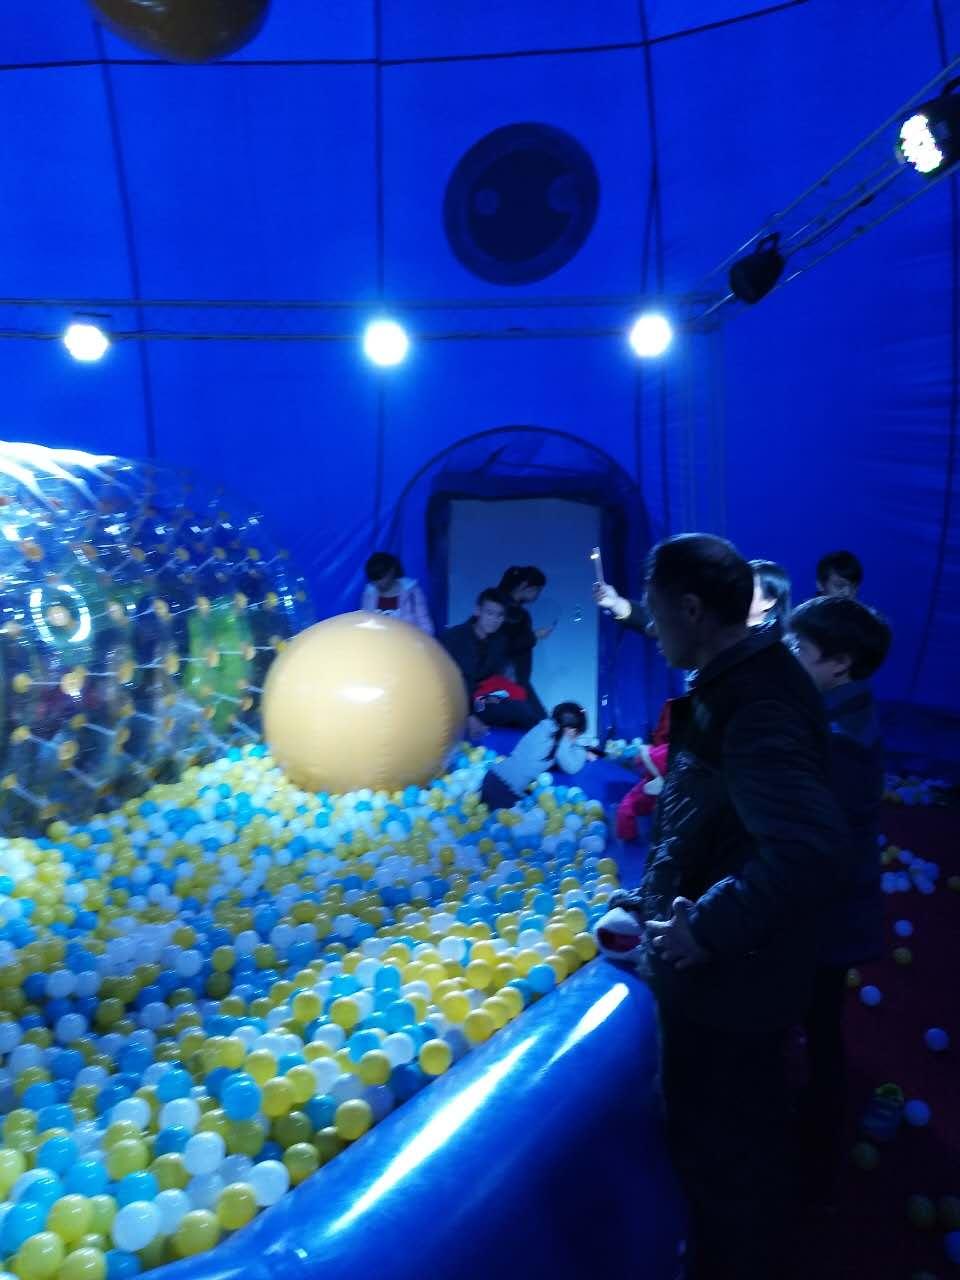 壁纸 海底 海底世界 海洋馆 水族馆 960_1280 竖版 竖屏 手机